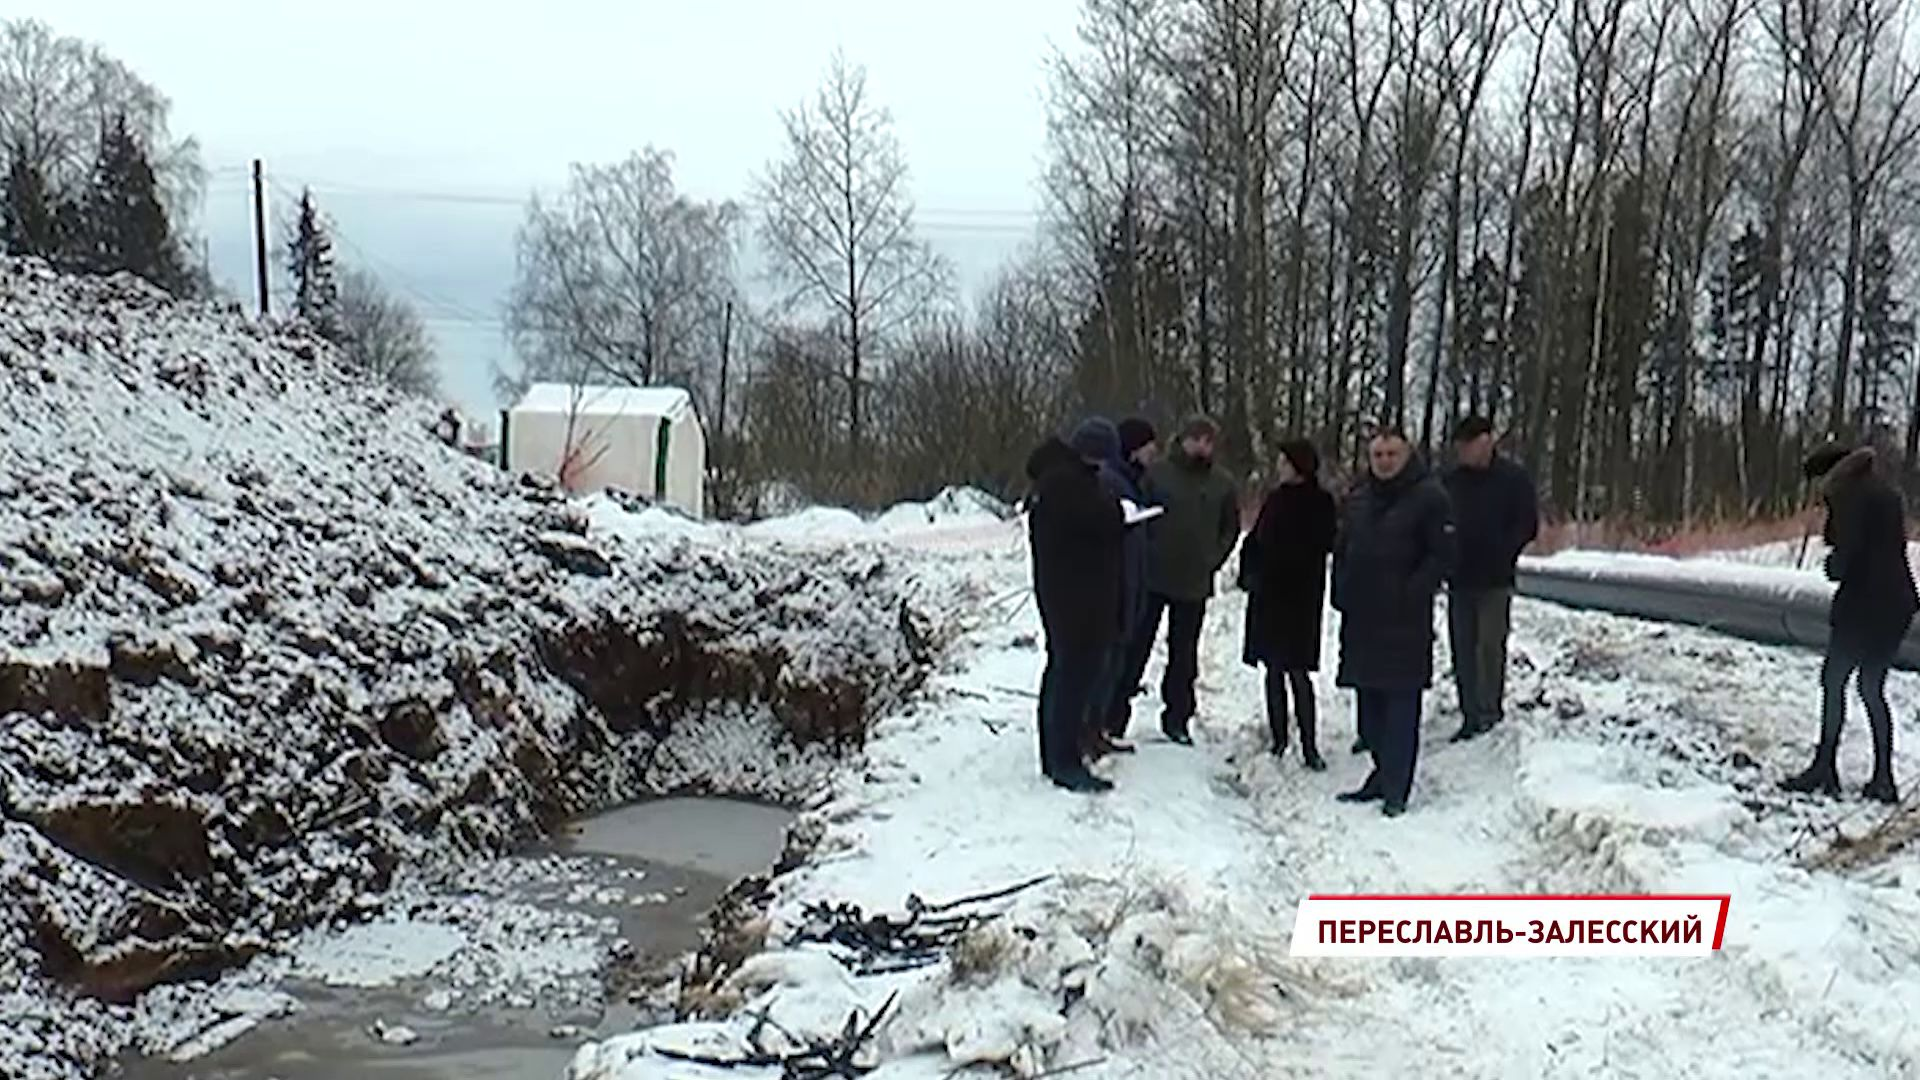 В Переславле-Залесском началась замена теплосетей, водопровода и канализации